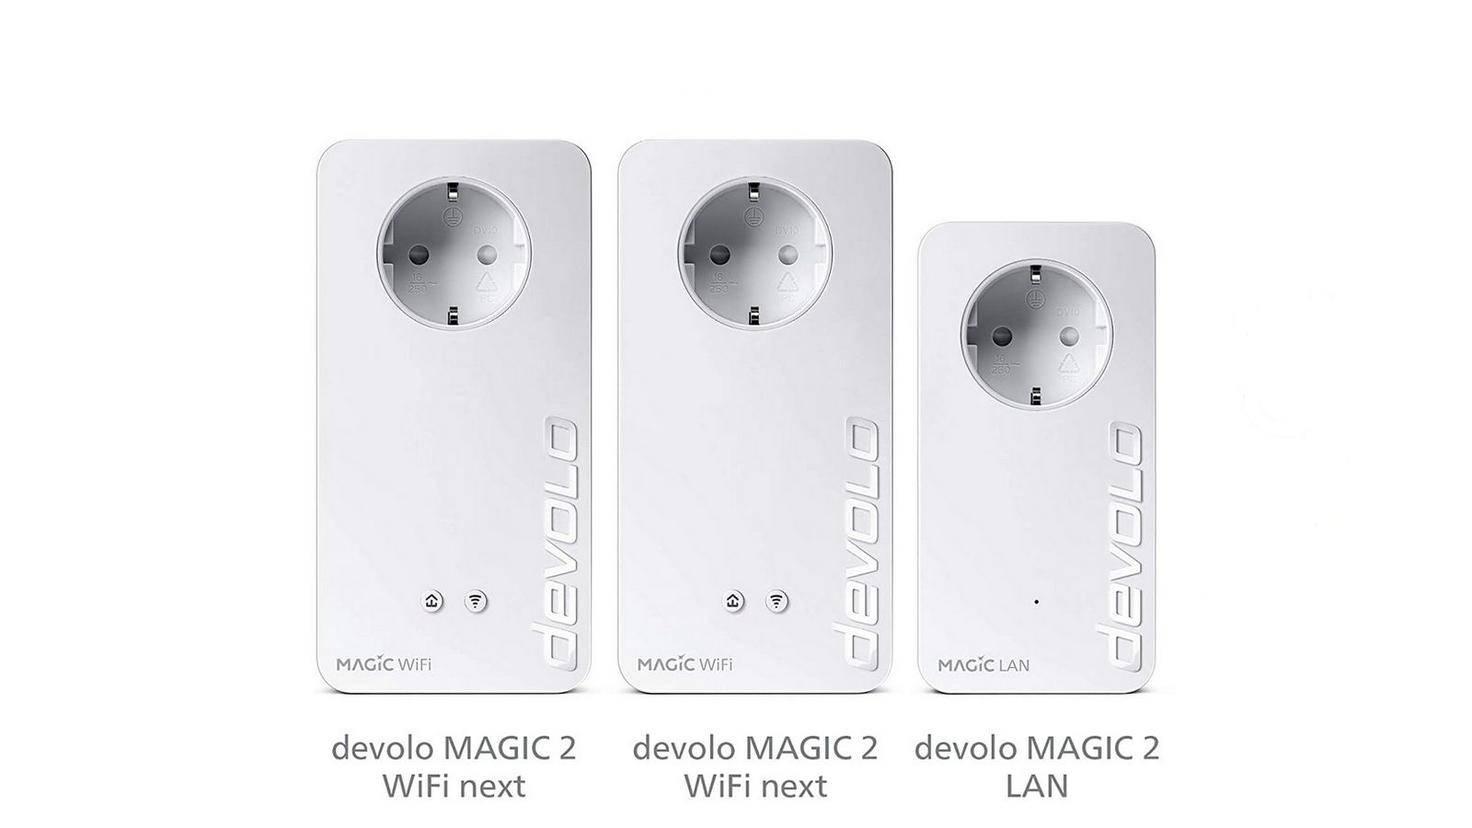 Gamme de produits Devolo Magic 2